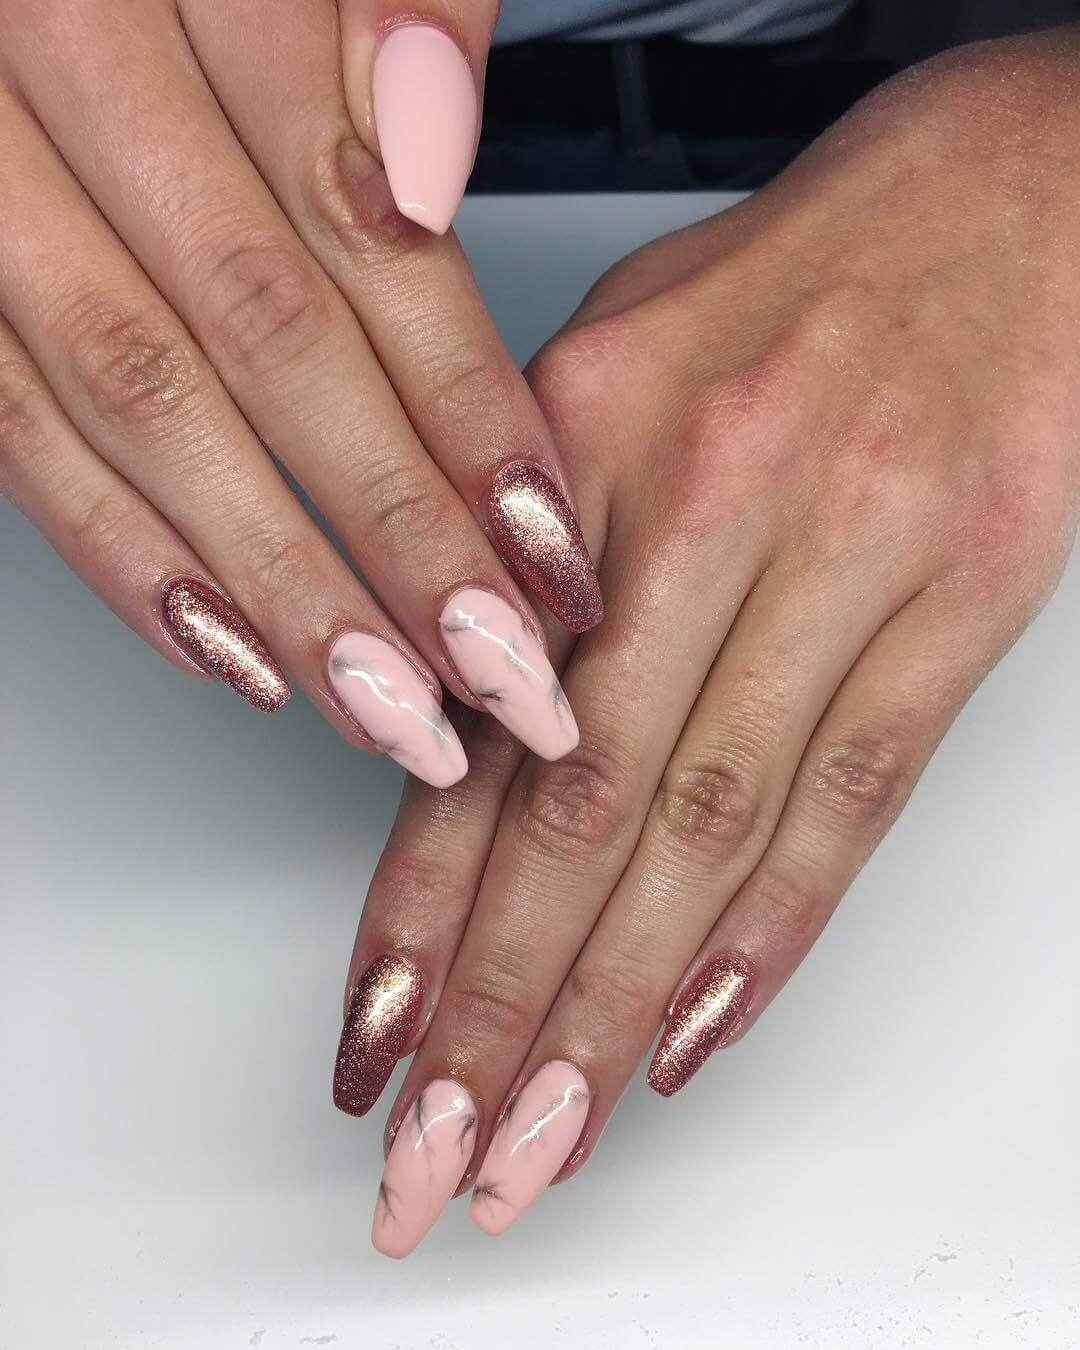 diseño de uñas largas marmolados